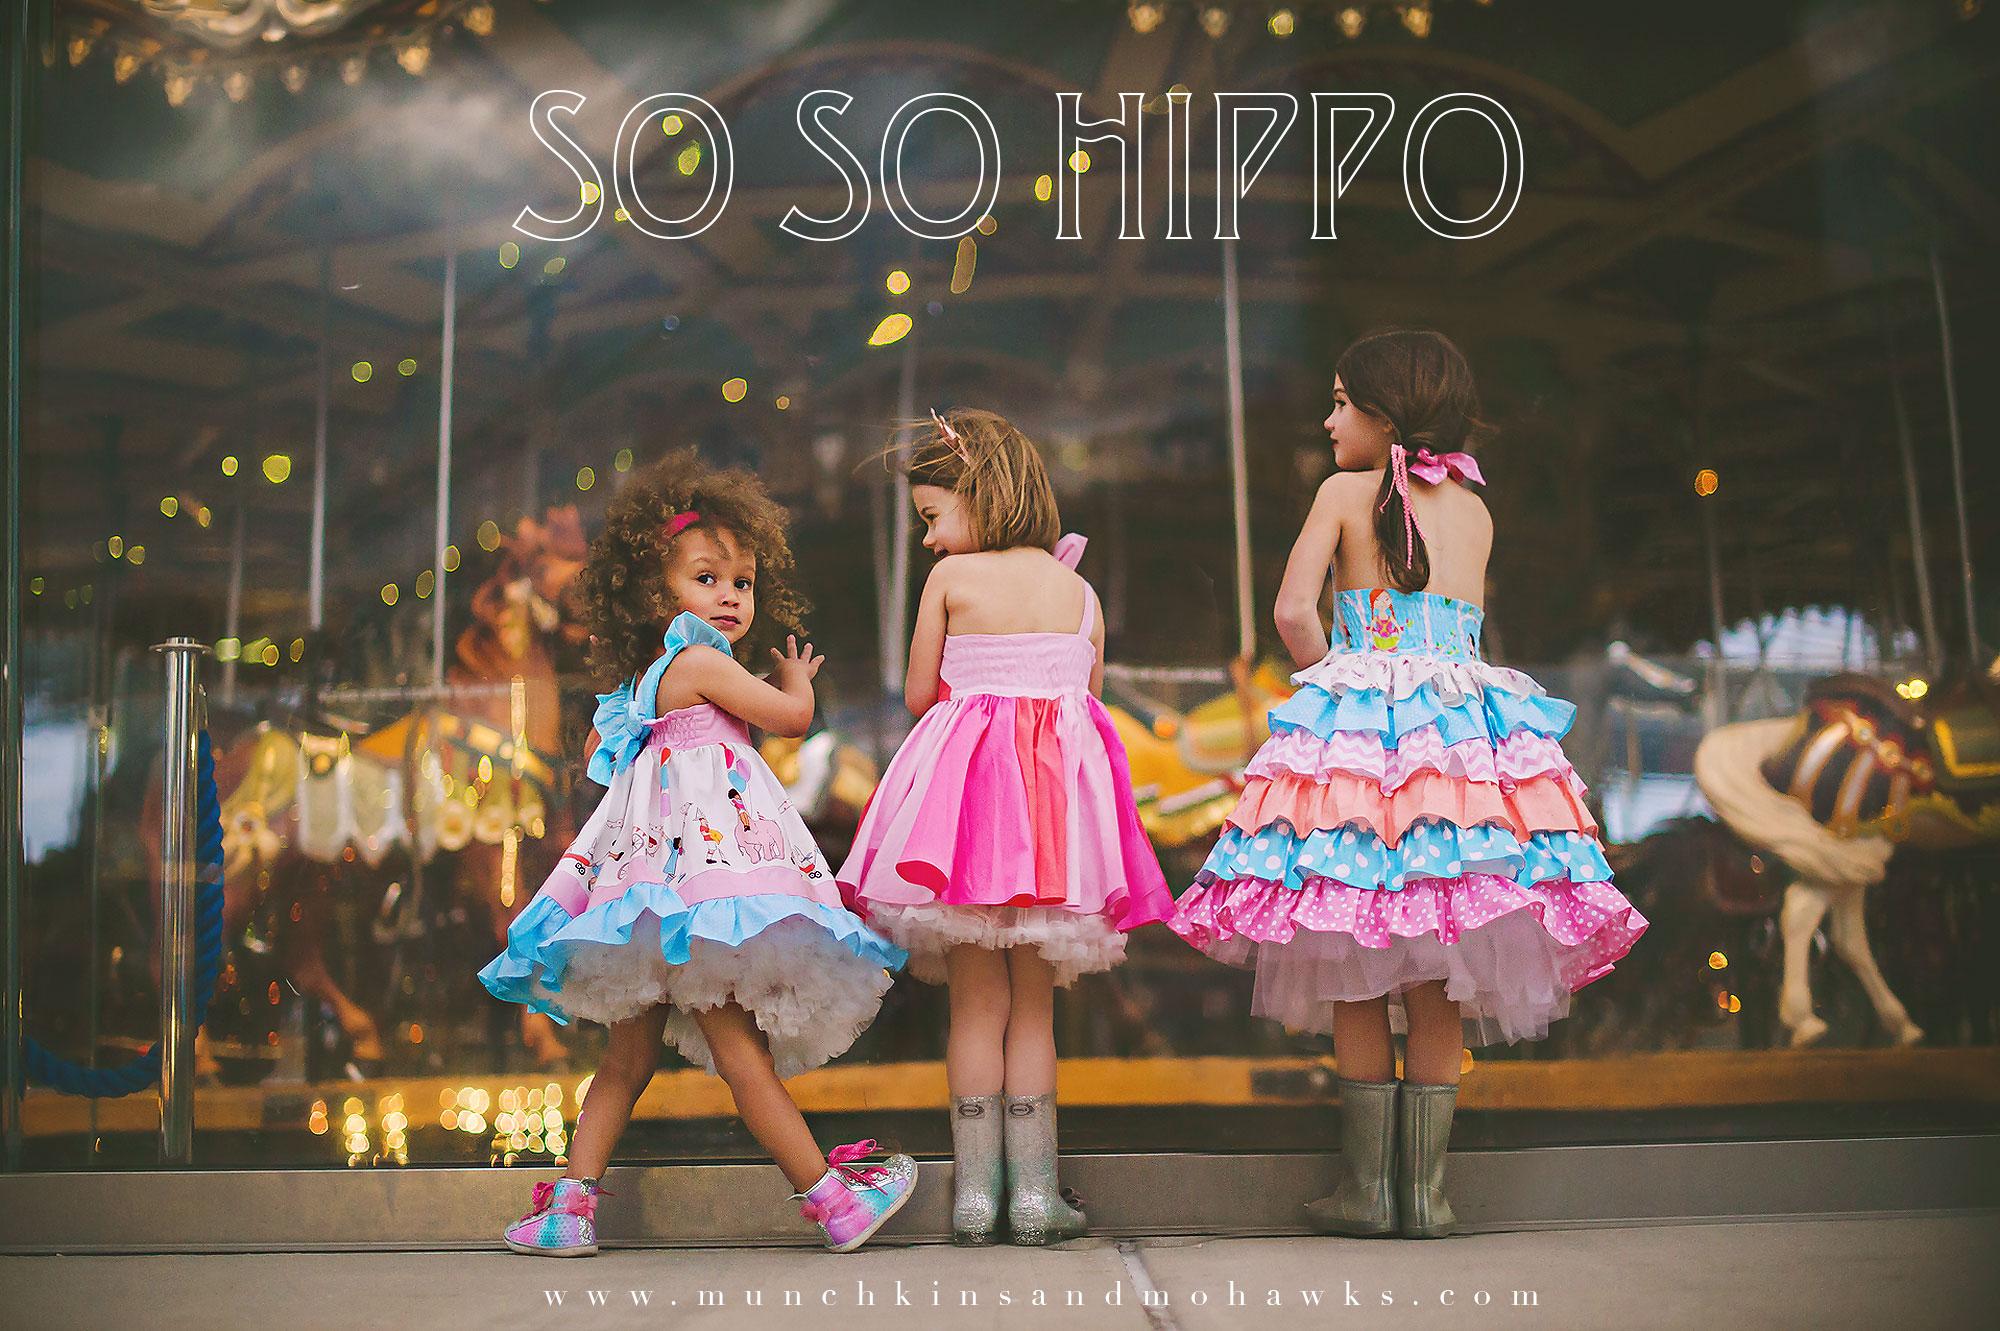 so-so-hippo-2-3-so-so-hippo